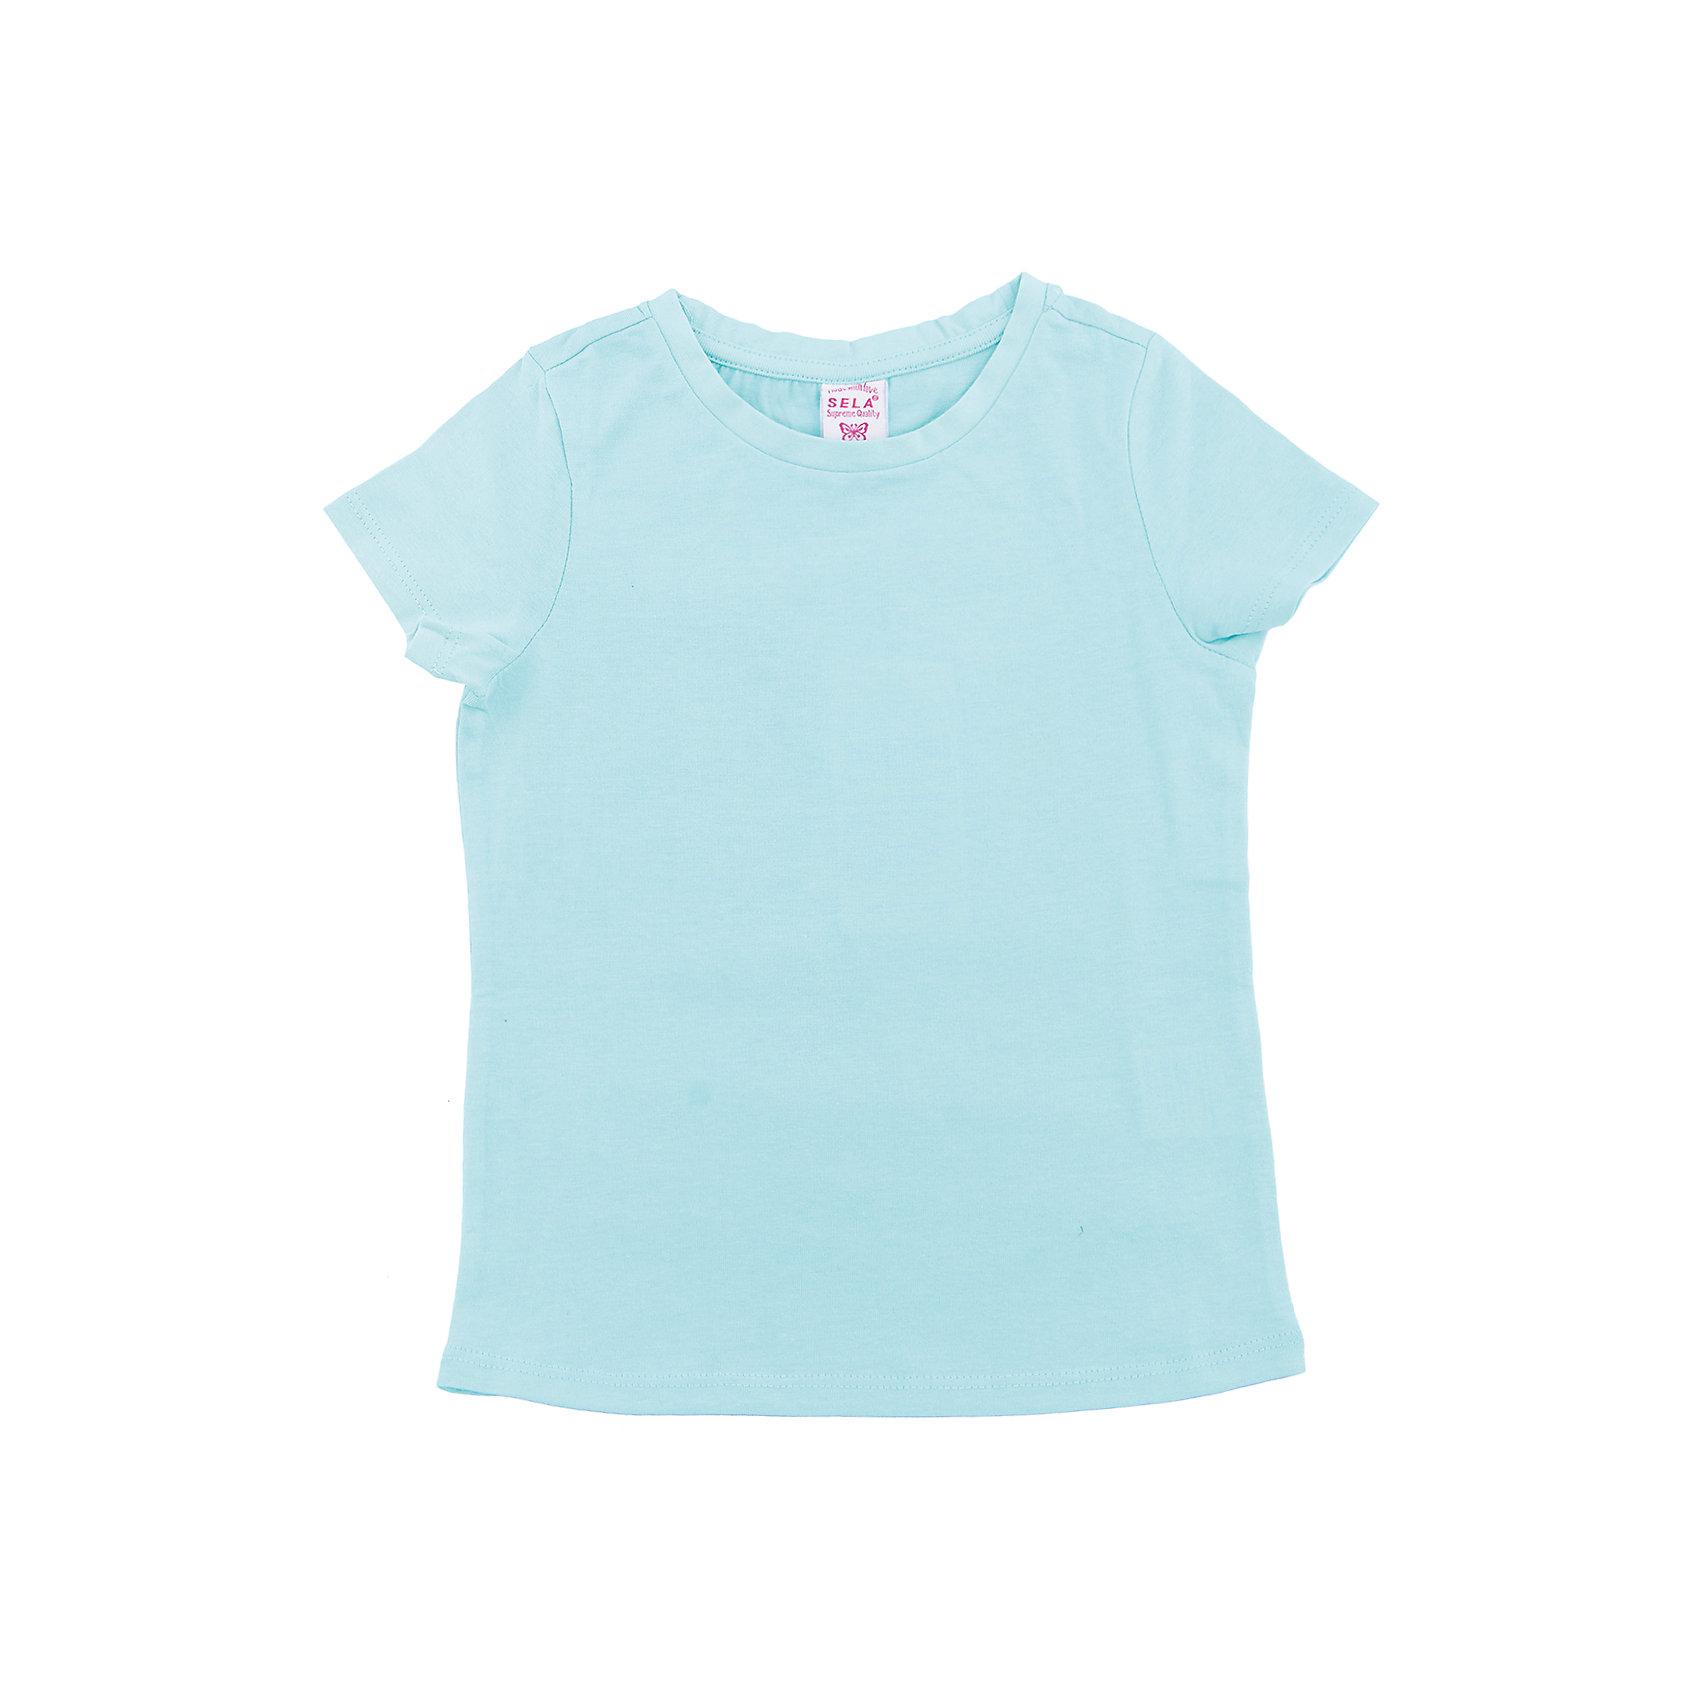 Футболка  для девочки SELAХарактеристики товара:<br><br>• цвет: мятный<br>• состав: 100% хлопок<br>• однотонная<br>• короткие рукава<br>• округлый горловой вырез<br>• коллекция весна-лето 2017<br>• страна бренда: Российская Федерация<br><br>В новой коллекции SELA отличные модели одежды! Эта футболка для девочки поможет разнообразить гардероб ребенка и обеспечить комфорт. Она отлично сочетается с юбками и брюками. Удобная базовая вещь!<br><br>Одежда, обувь и аксессуары от российского бренда SELA не зря пользуются большой популярностью у детей и взрослых! Модели этой марки - стильные и удобные, цена при этом неизменно остается доступной. Для их производства используются только безопасные, качественные материалы и фурнитура. Новая коллекция поддерживает хорошие традиции бренда! <br><br>Футболку для девочки от популярного бренда SELA (СЕЛА) можно купить в нашем интернет-магазине.<br><br>Ширина мм: 230<br>Глубина мм: 40<br>Высота мм: 220<br>Вес г: 250<br>Цвет: зеленый<br>Возраст от месяцев: 60<br>Возраст до месяцев: 72<br>Пол: Женский<br>Возраст: Детский<br>Размер: 116,92,98,104,110<br>SKU: 5303342